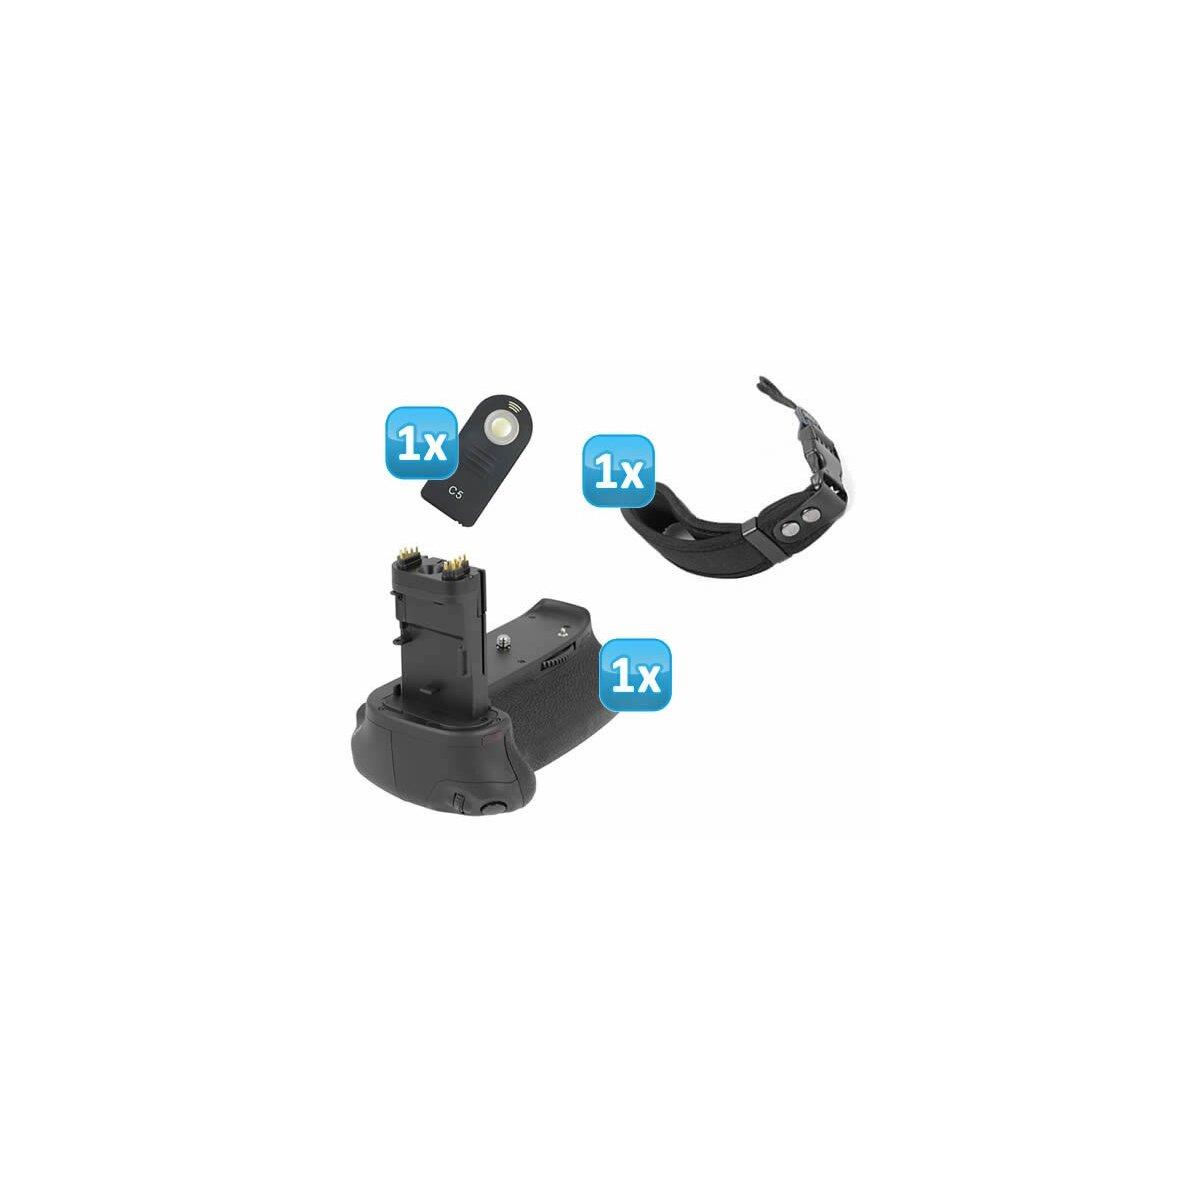 Minadax Batteriegriff fuer Canon EOS 6D mit INFRAROT Schnittstelle - aehnlich wie BG-E13 für 2x LP-E6 oder 6 AA Batterien + 1x Neopren Handgelenkschlaufe